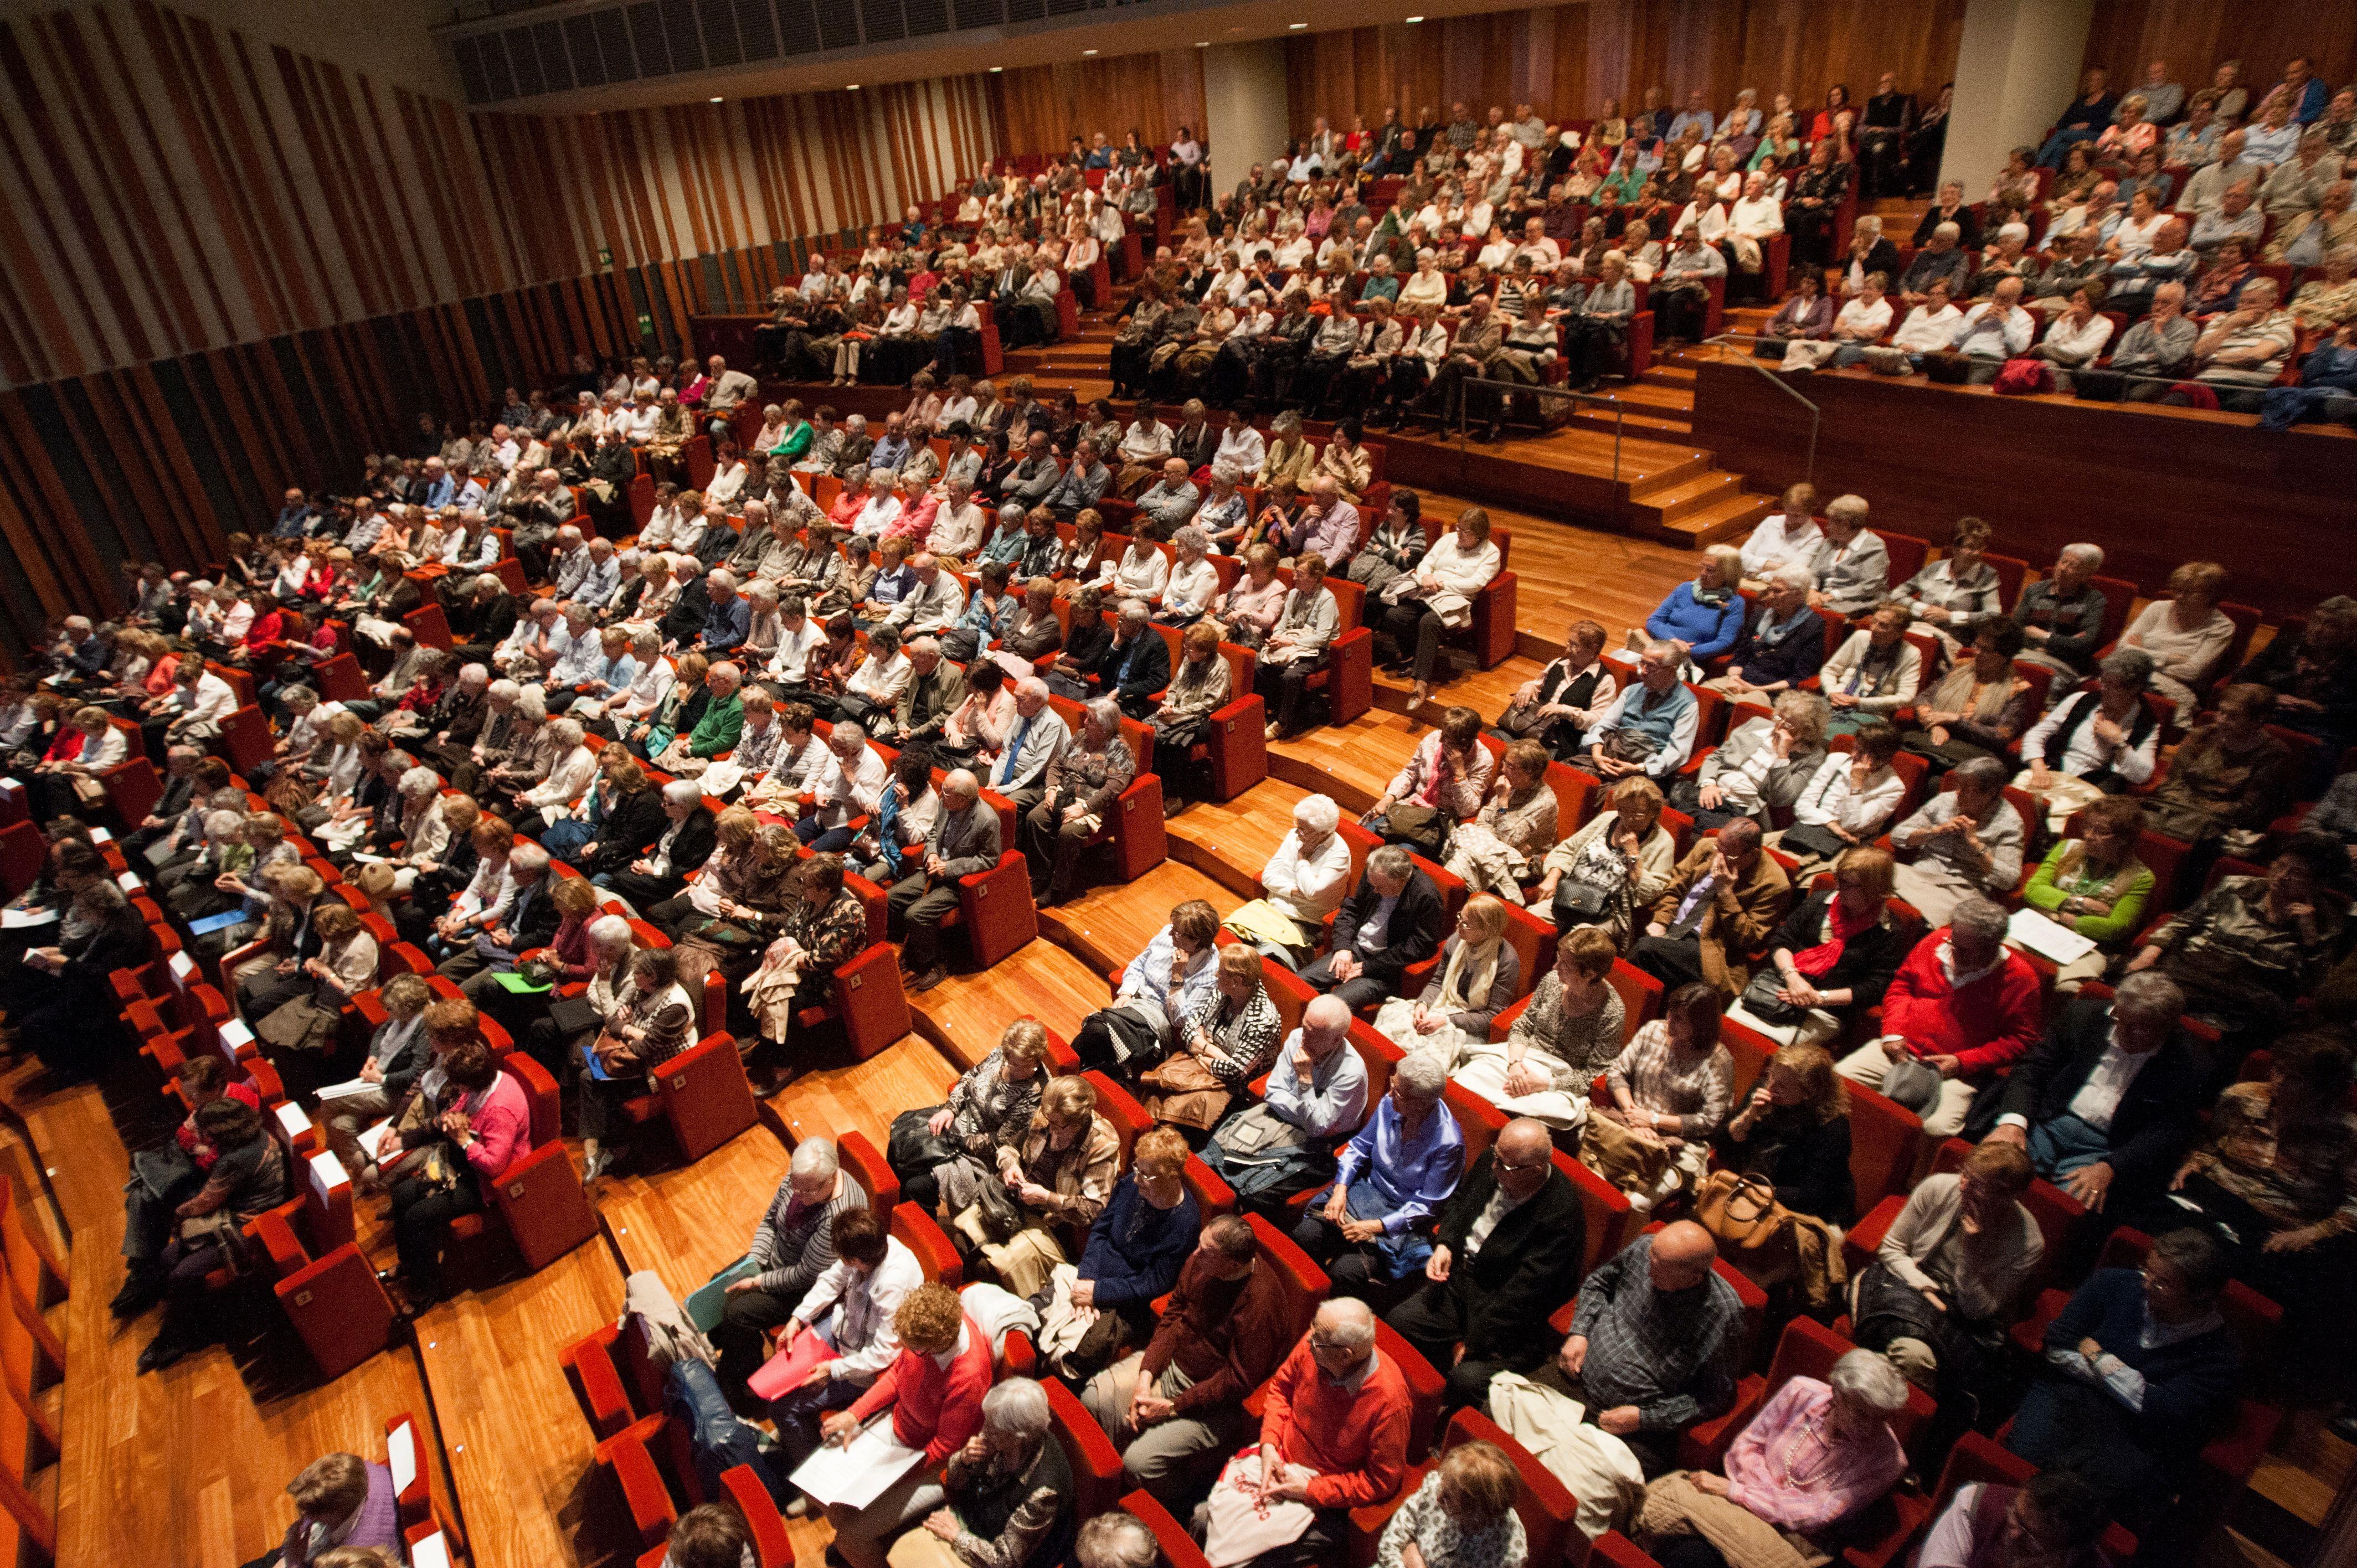 Membres de l'Aula de Gent gran a l'Atlàntida, Centre d'Arts Escèniques d'Osona, en una conferència. | UVIC